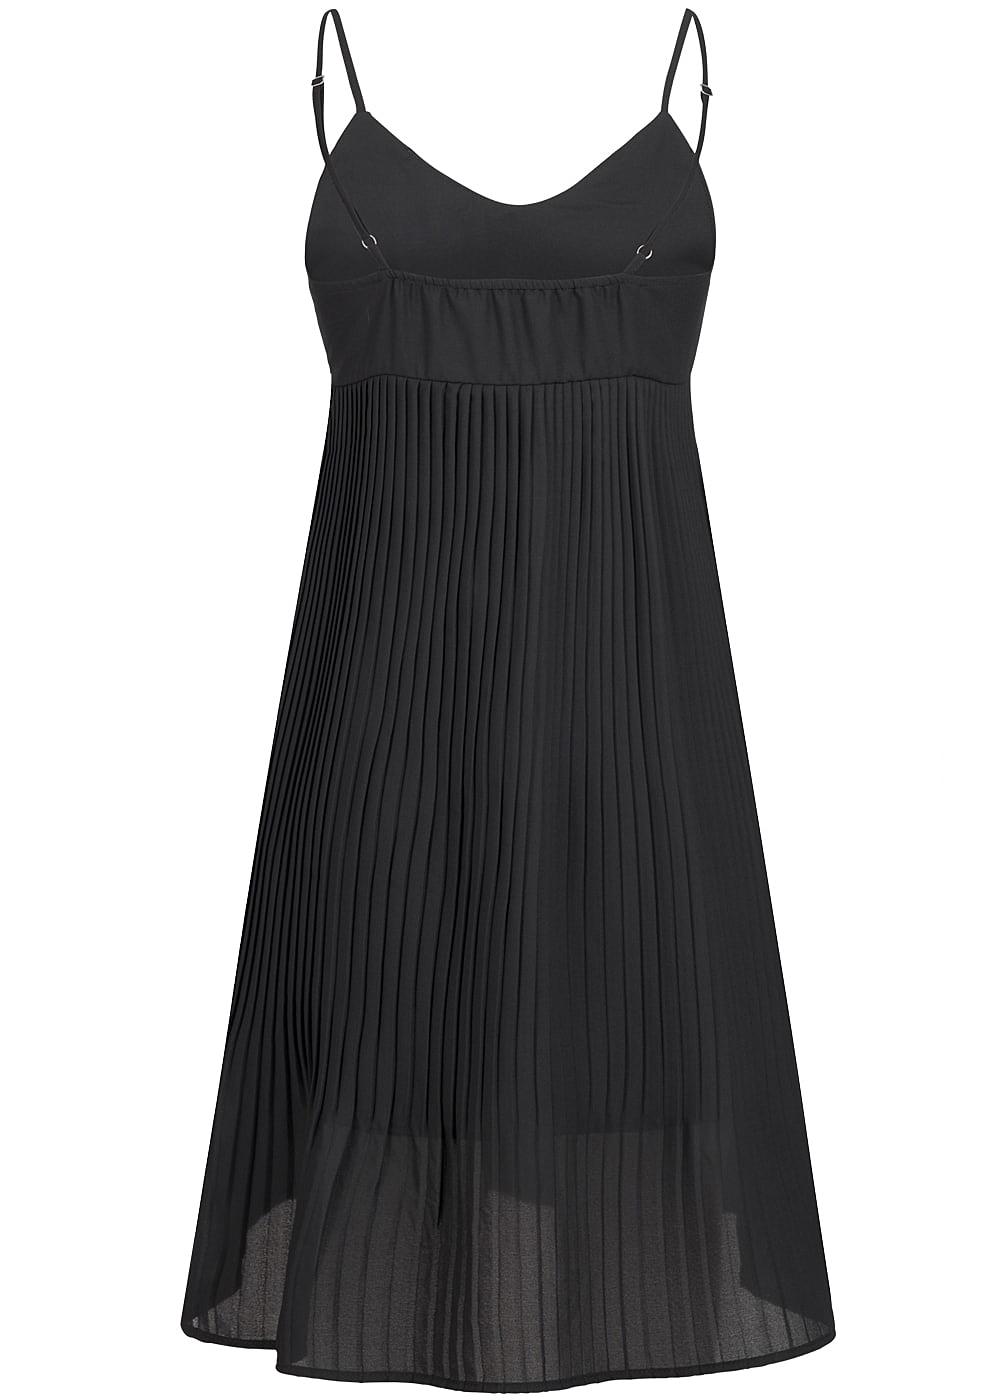 77 Online Shop De : hailys damen kleid schwarz 77onlineshop ~ Markanthonyermac.com Haus und Dekorationen